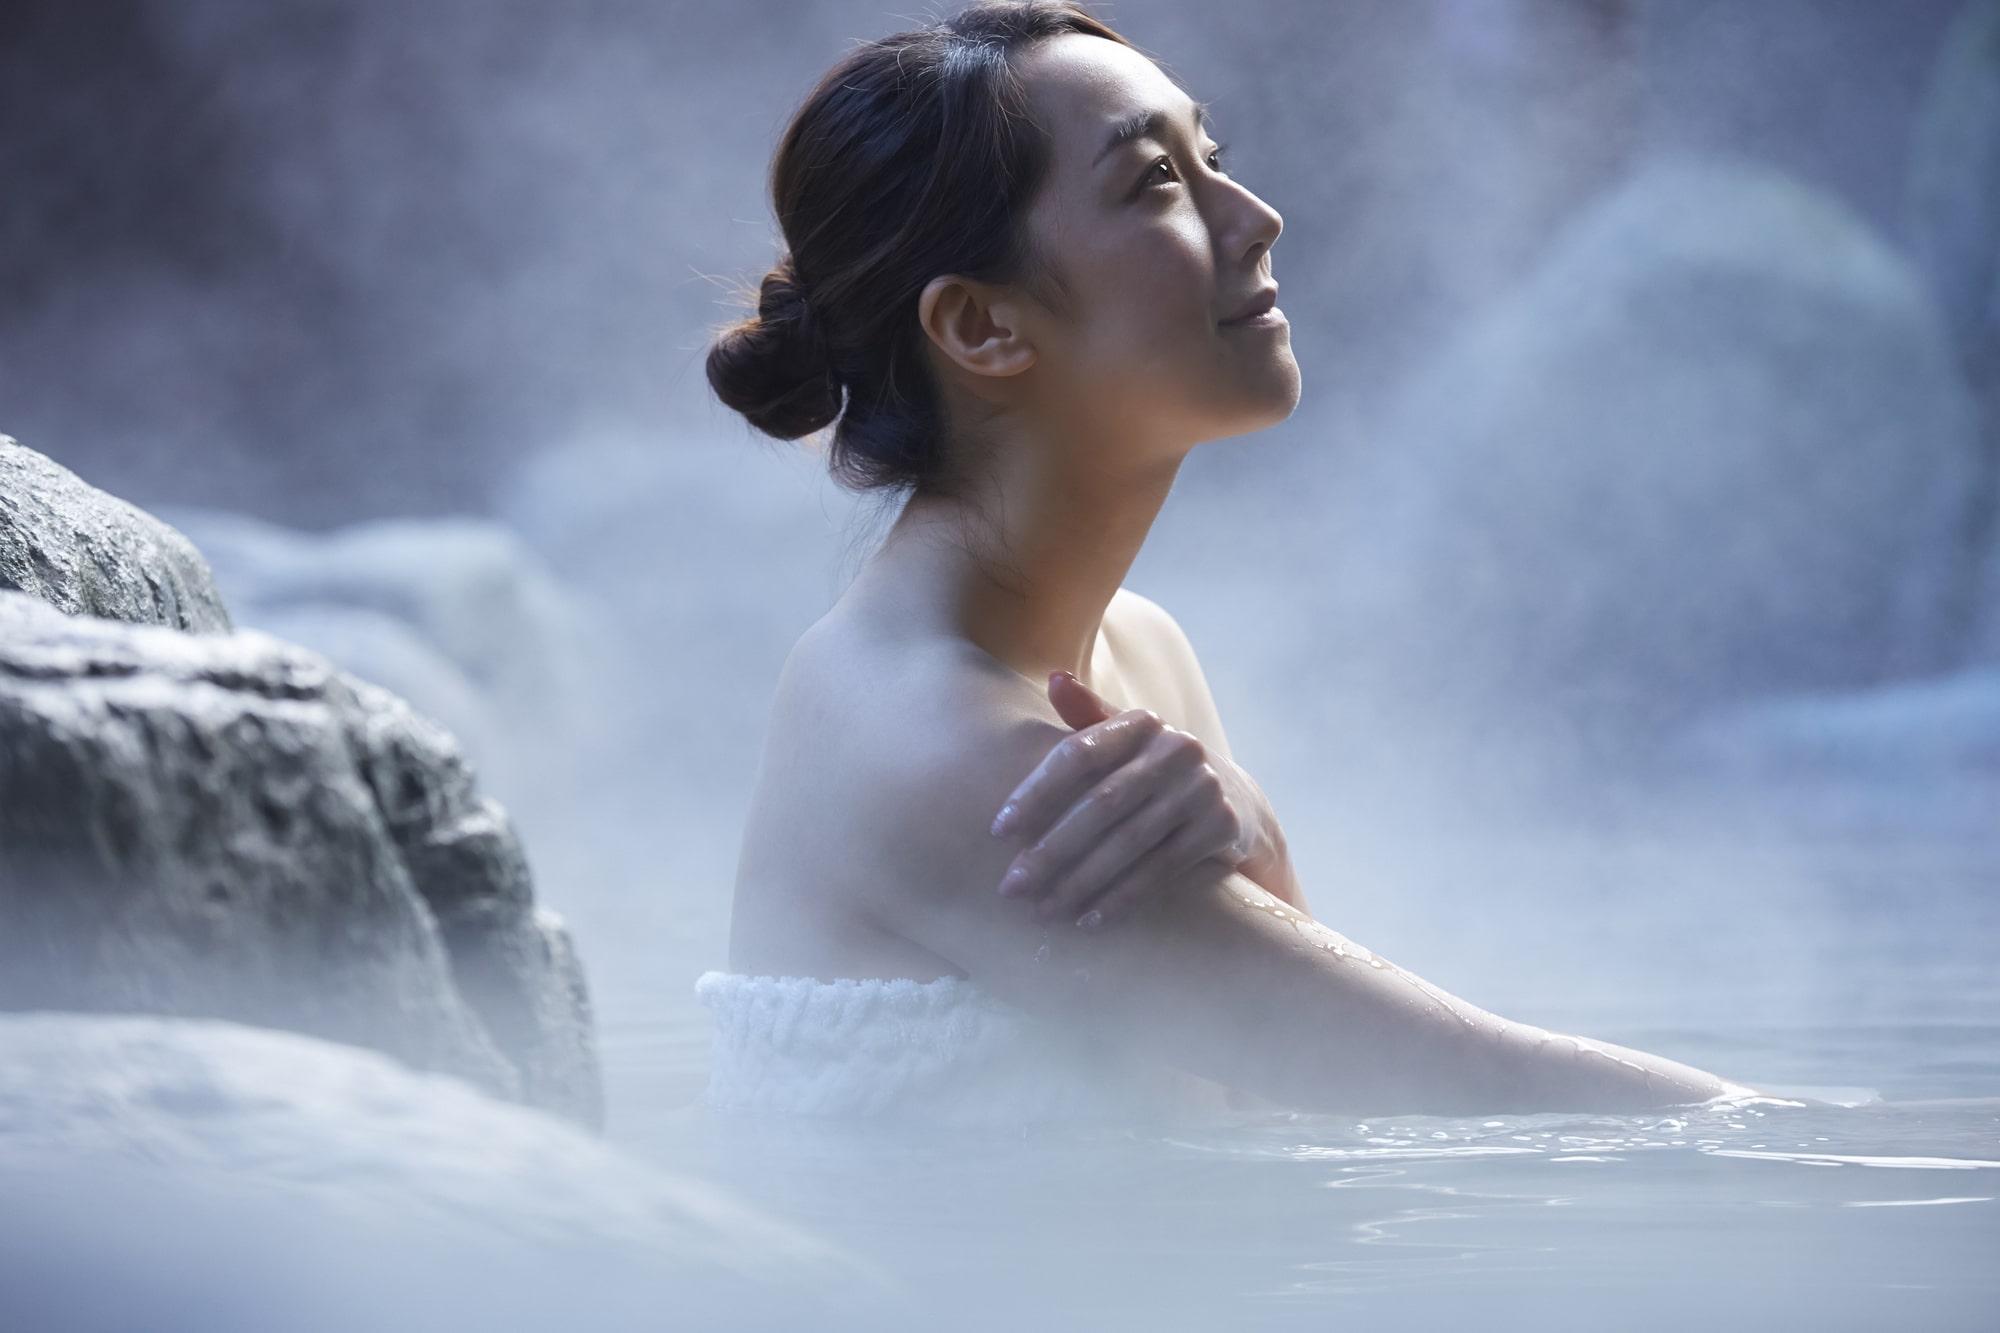 日本人なら温泉に魅力を感じる